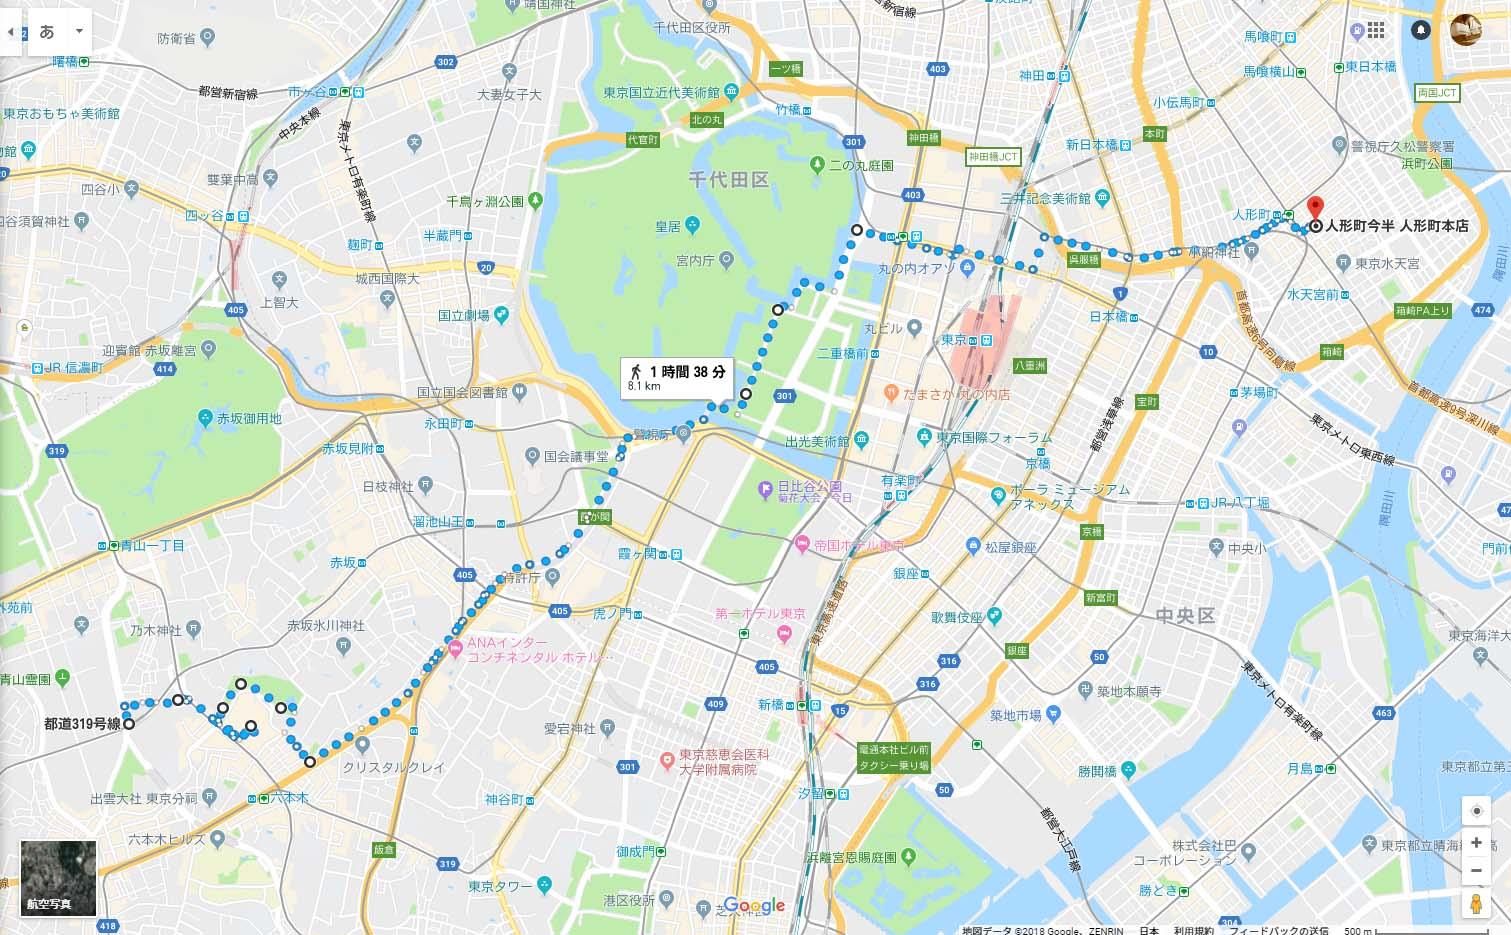 乃木坂から六本木を通り、国会議事堂前、皇居と歩き人形町まで